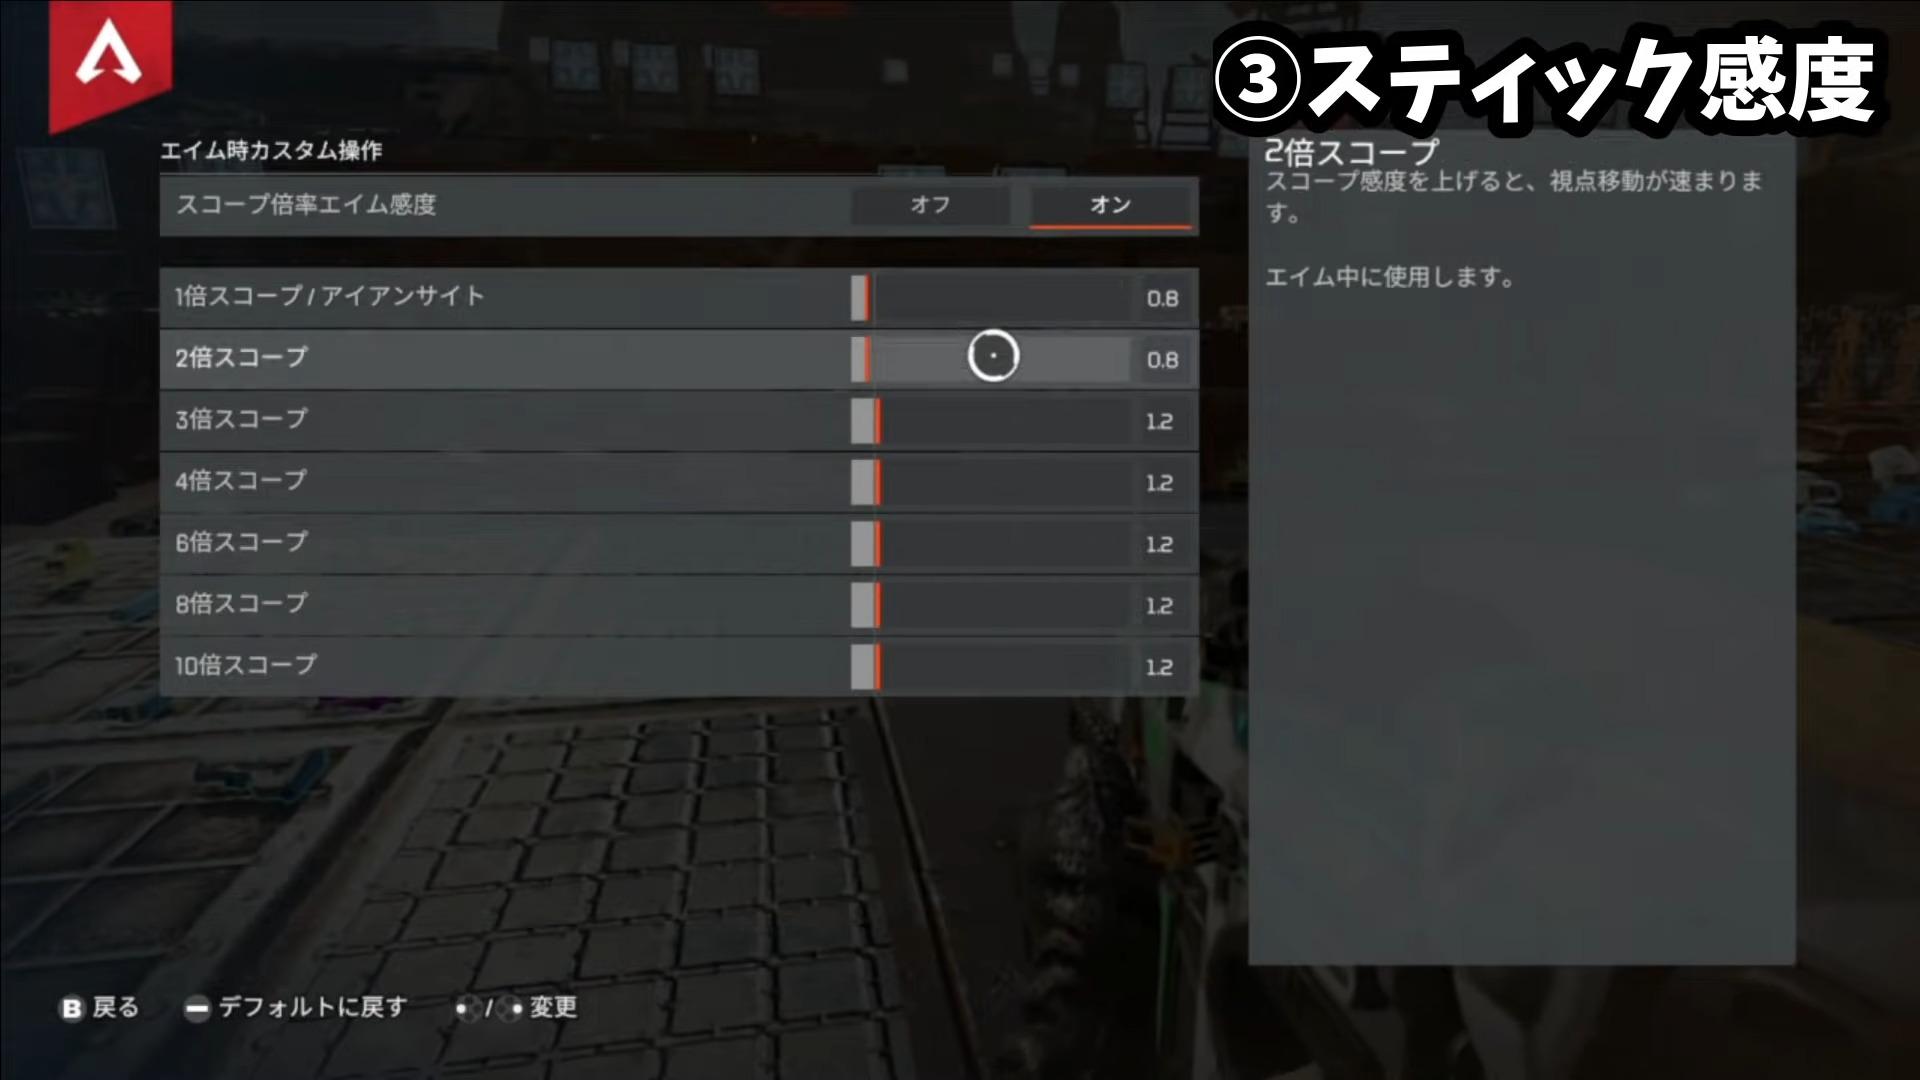 【Apex Legends】Swich版日本最速プレデター やじゅきっす 最新のボタン配置設定・感度設定・使っている周辺機器(デバイス) まとめ【エーペックスレジェンズ】